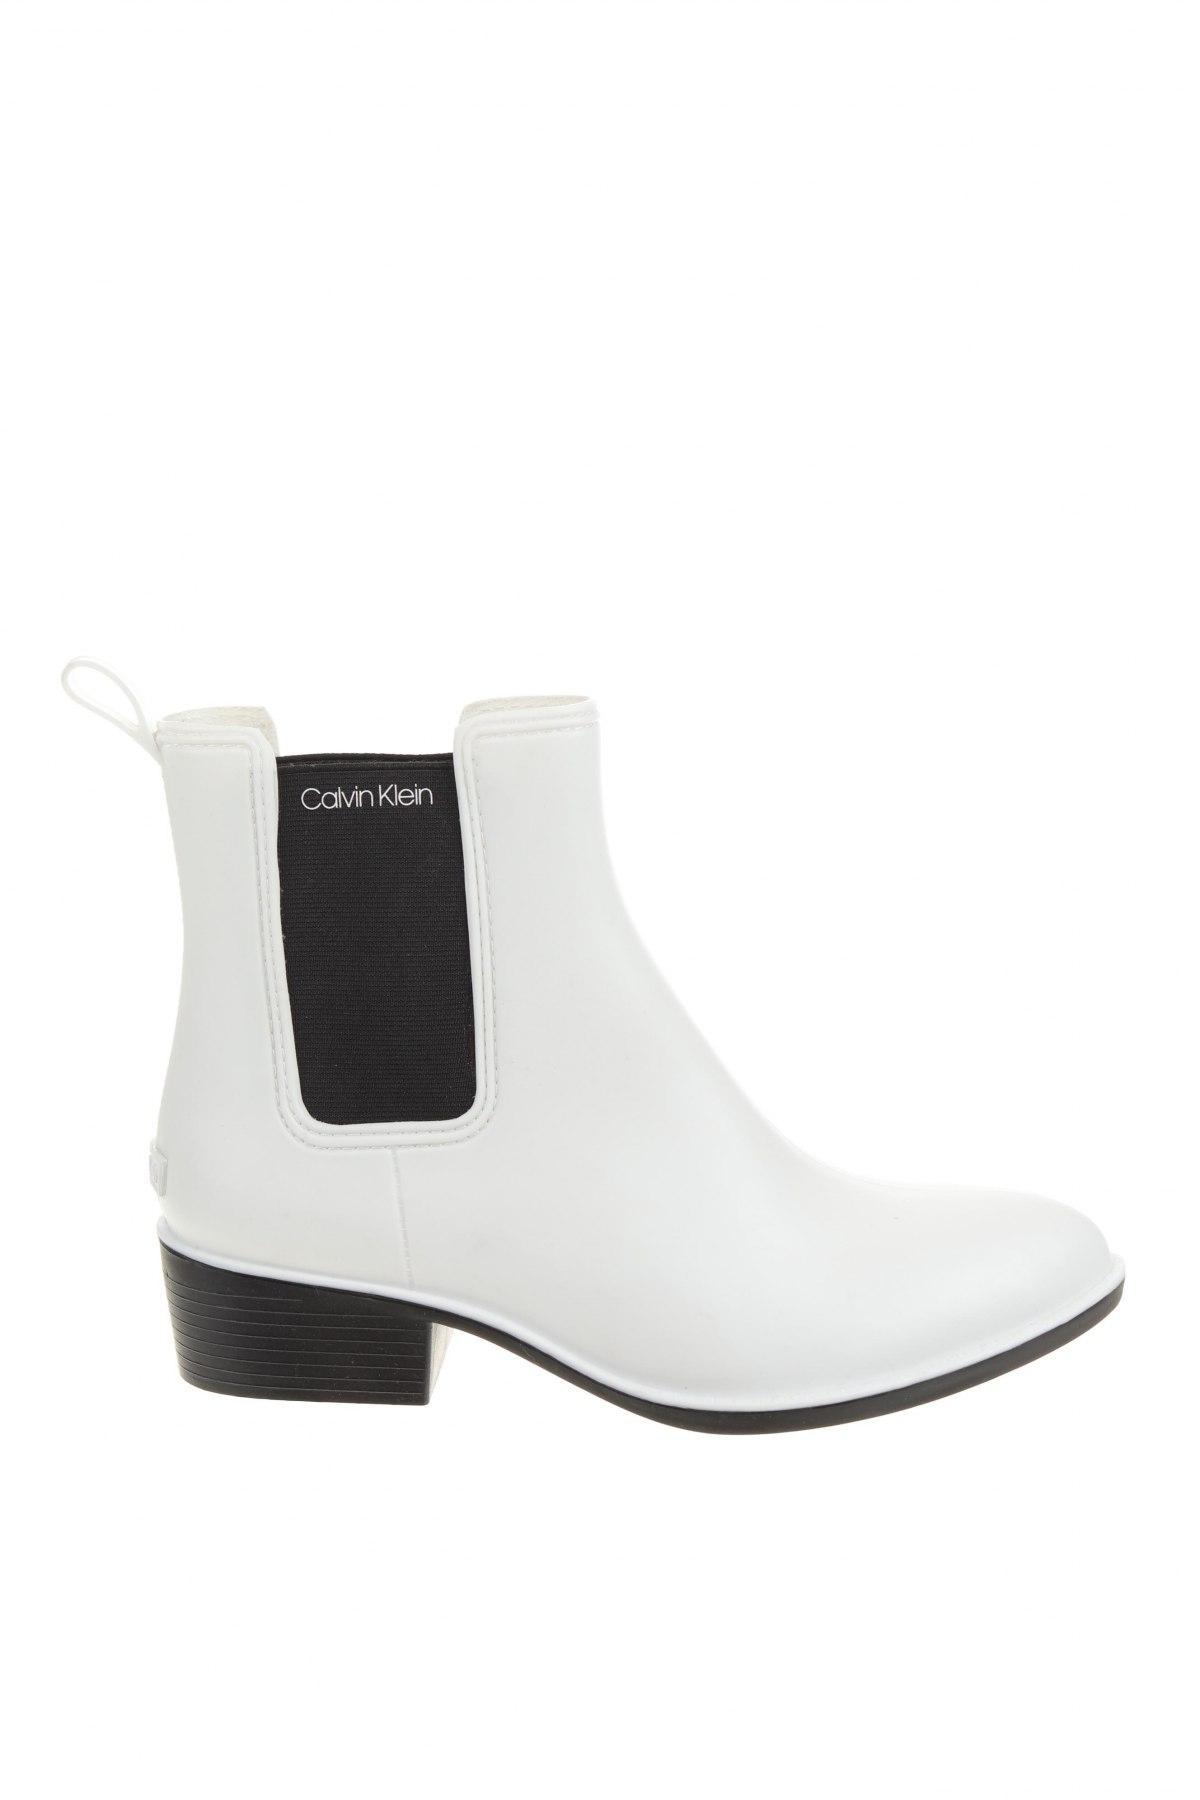 Дамски боти Calvin Klein, Размер 39, Цвят Бял, Полиуретан, Цена 189,00лв.